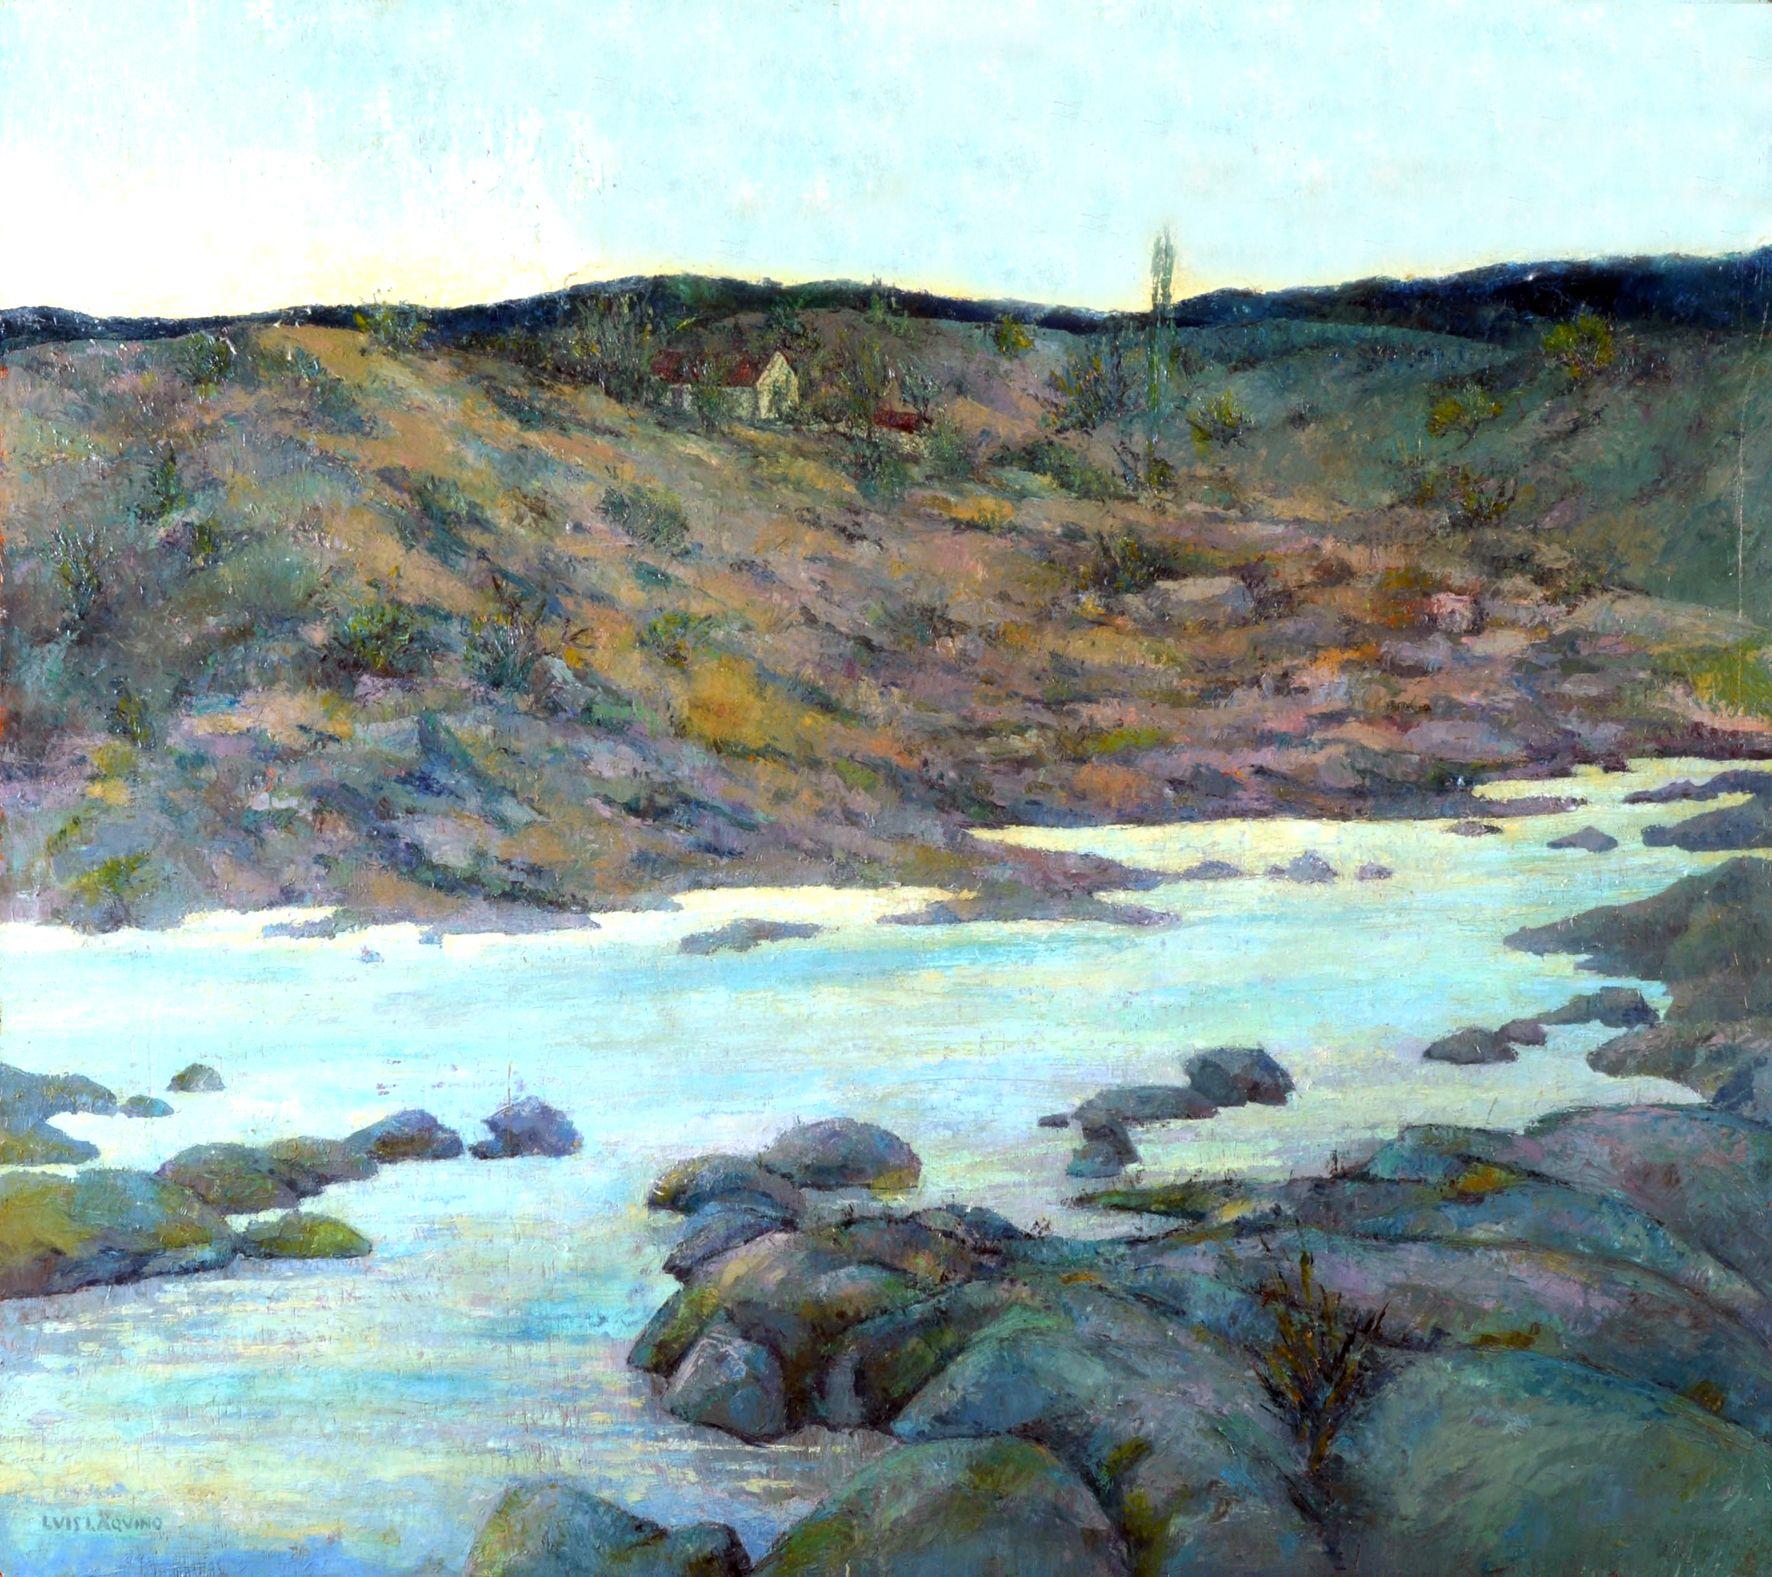 Paisaje de Cordoba. Oleo sobre tabla. 80x90cm. 1948c. http://www.zurbaran.com.ar/luis-aquino/